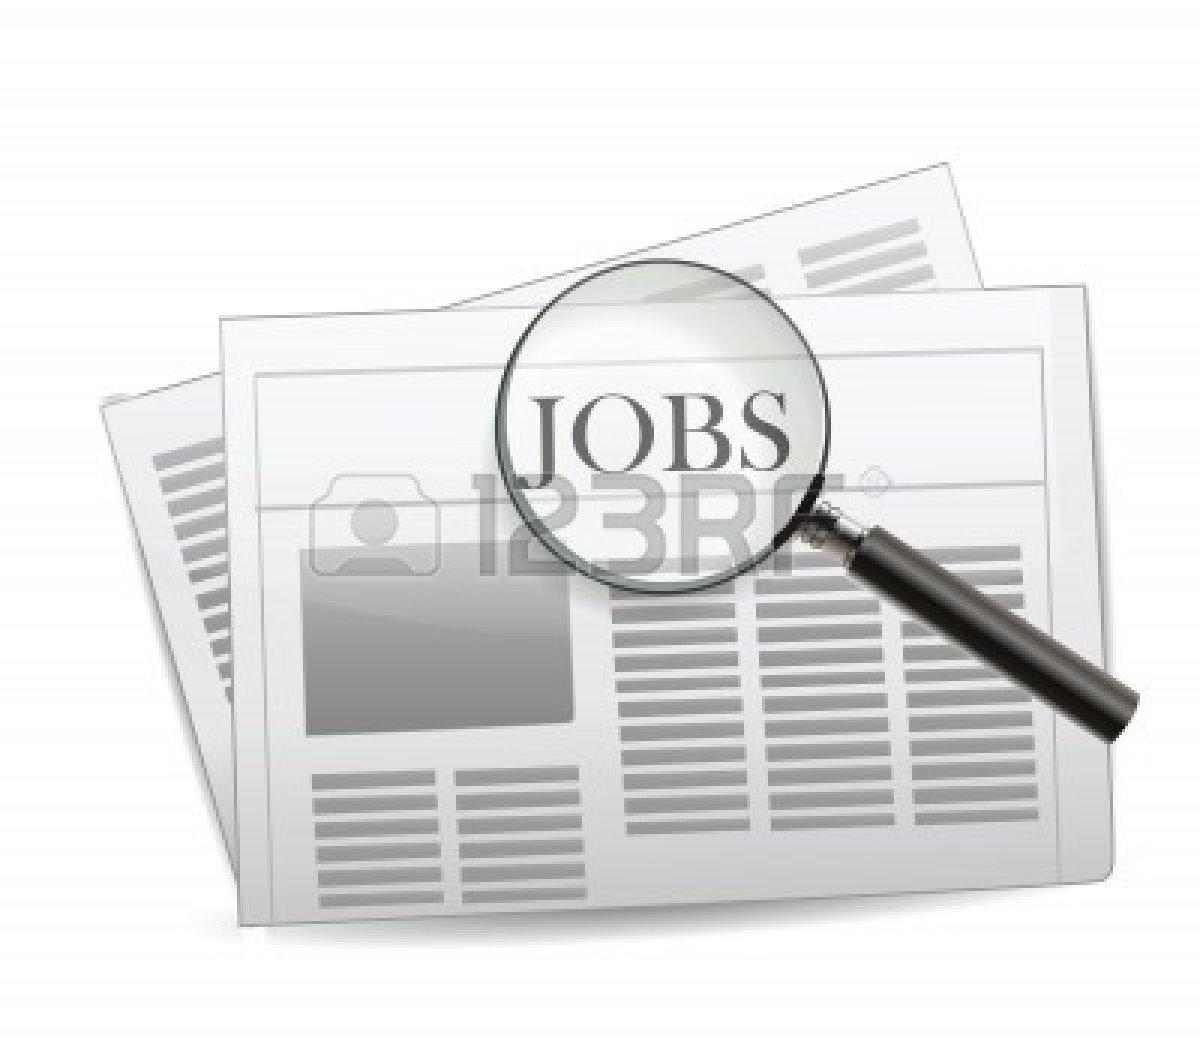 Προσφορά εργασίας: Ζητείται...